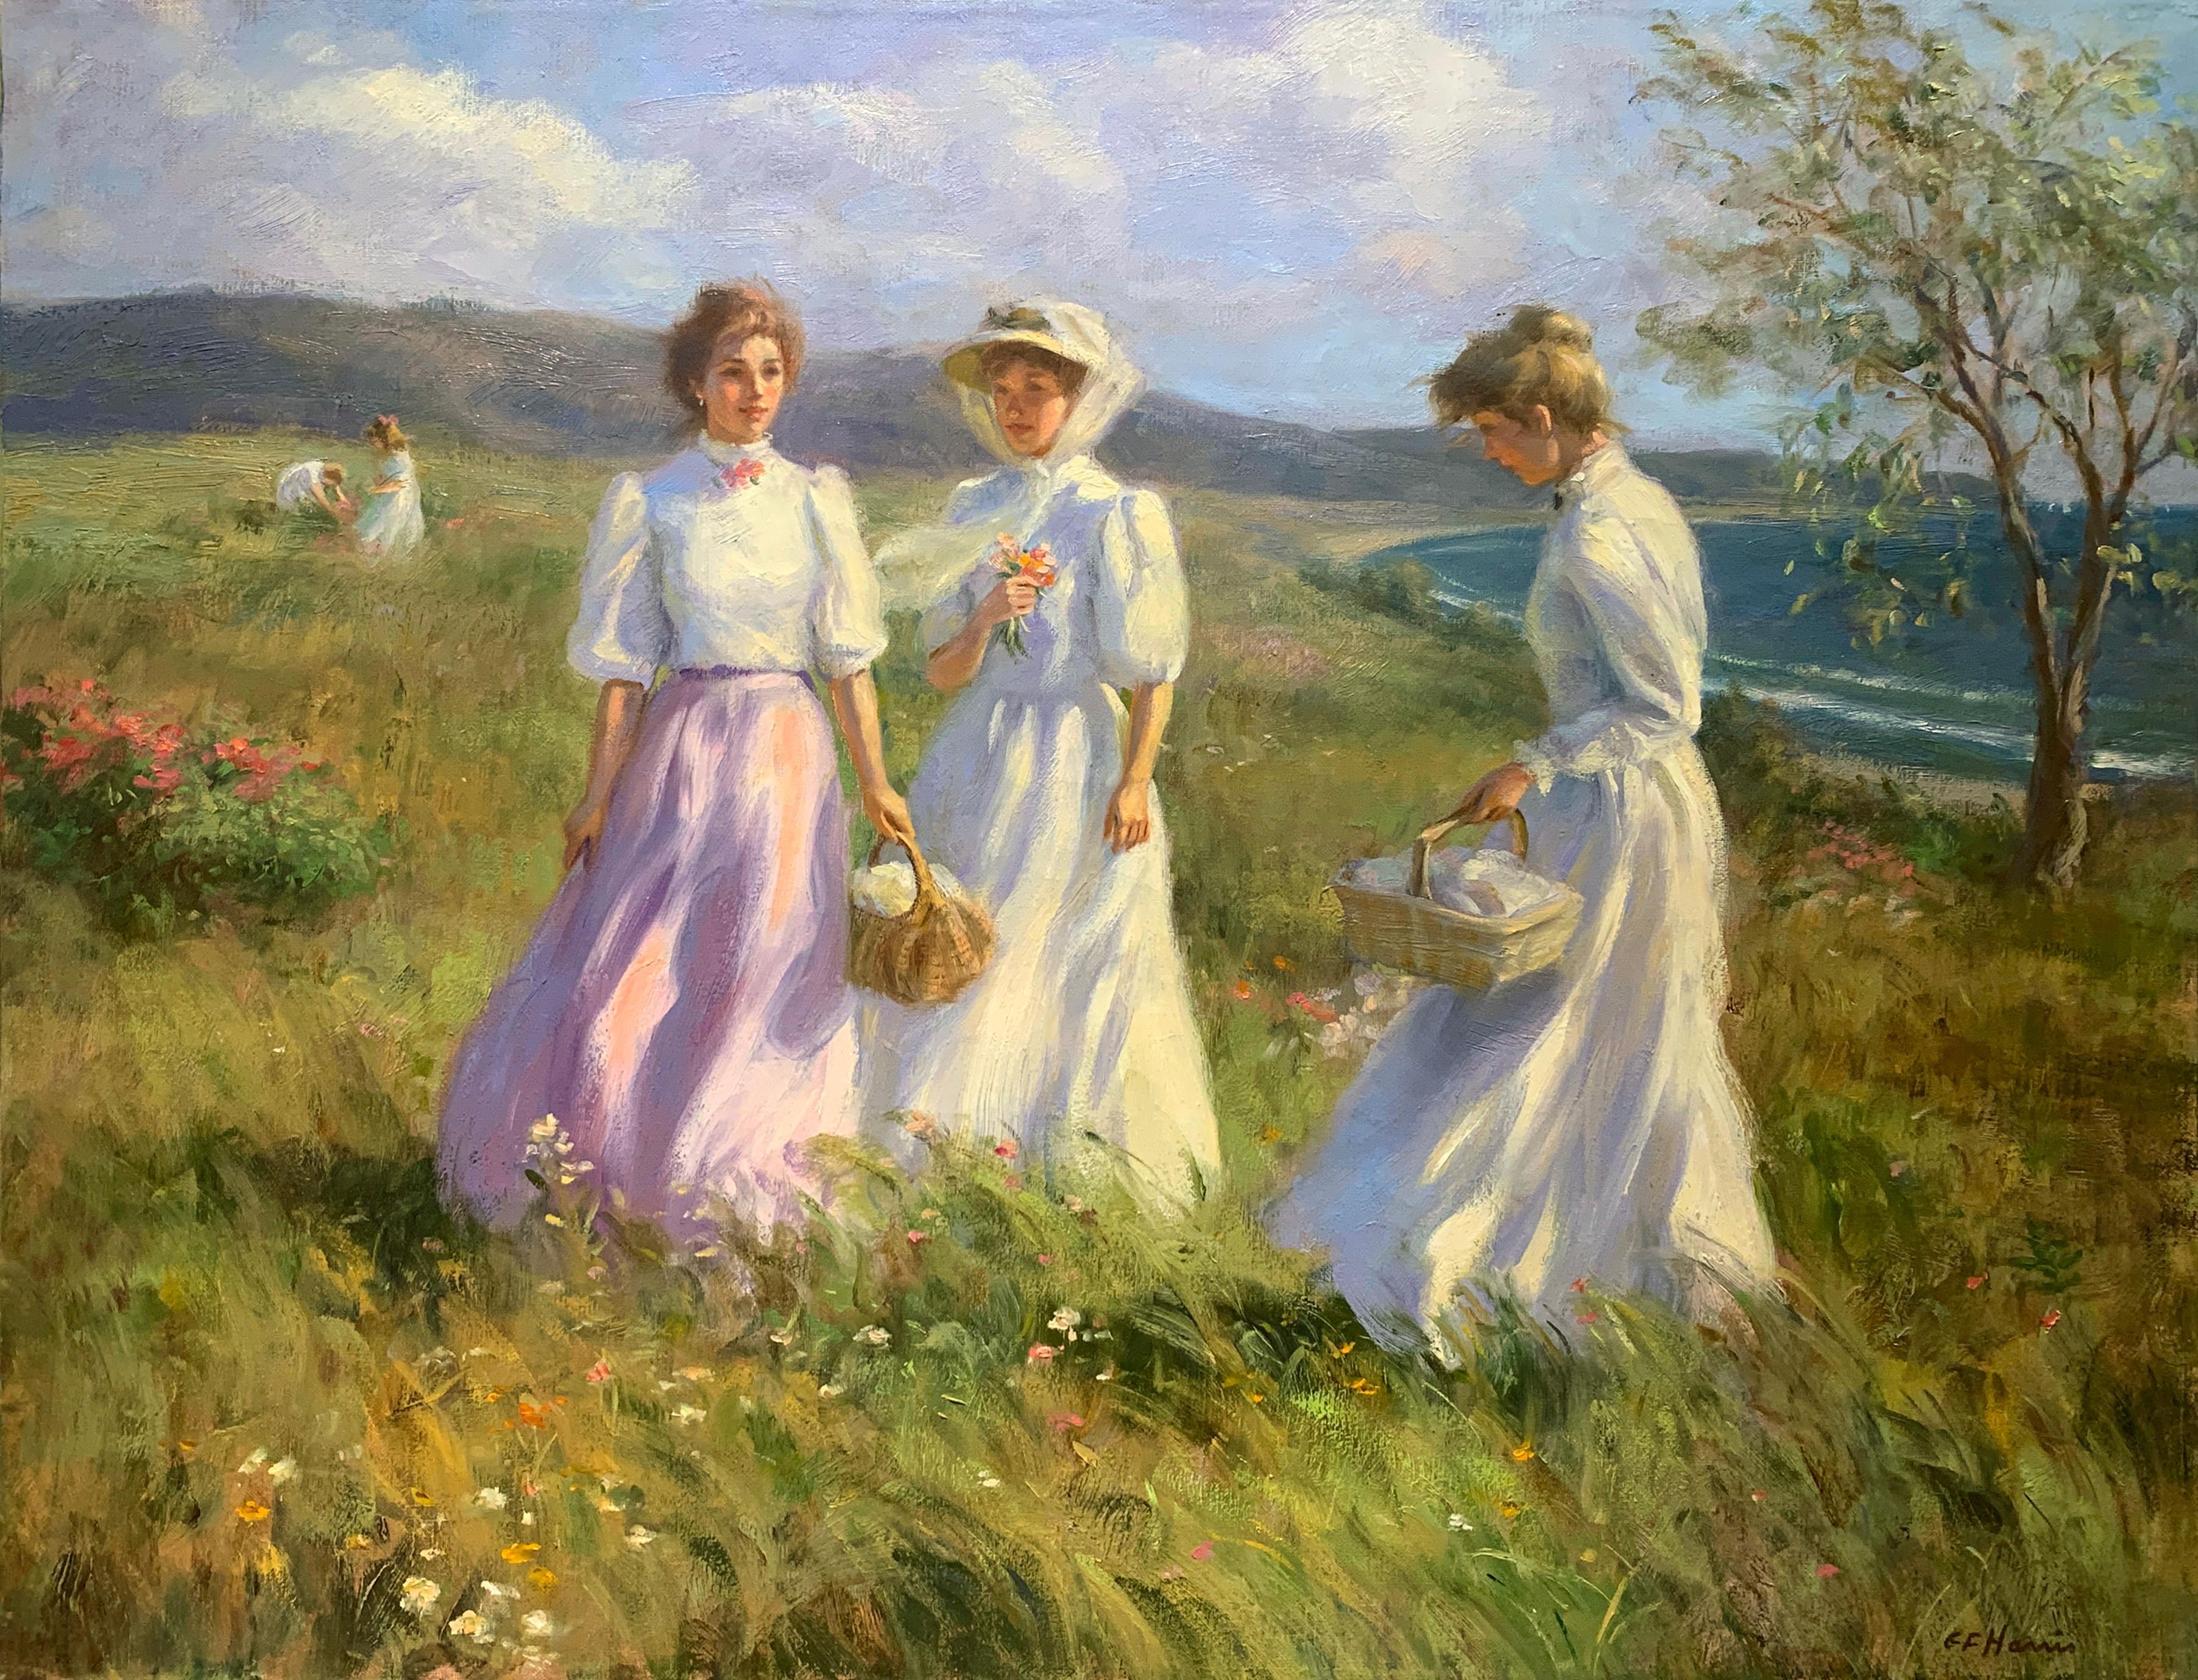 """""""A Hillside Picnic"""", Greg Harris, Original Oil, Figurative, Landscape, 24x30 in."""